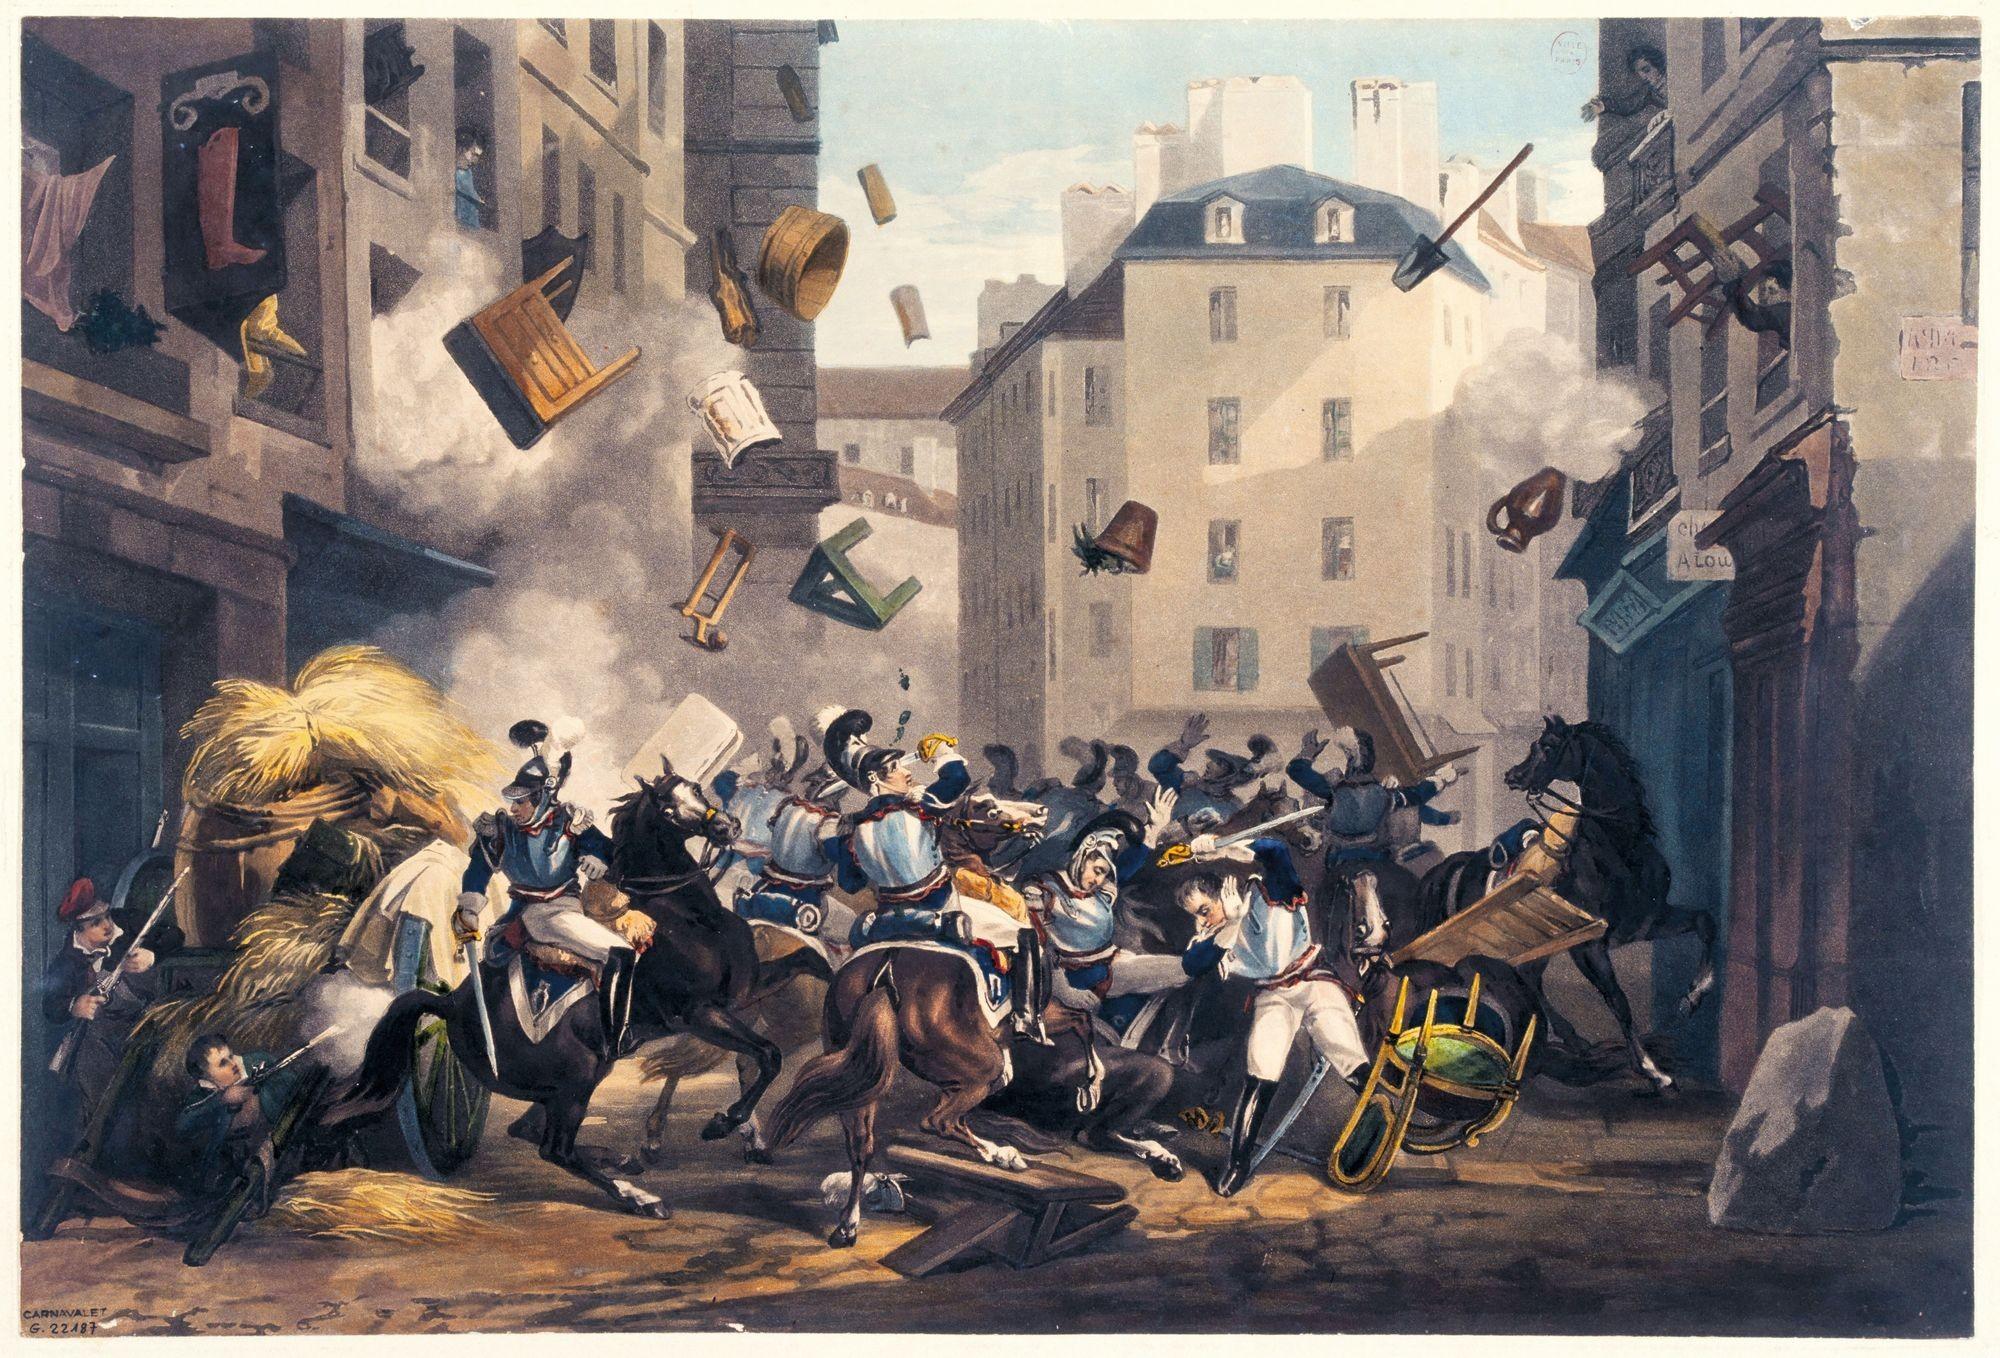 D'après Martinet, Combat dans la rue Saint-Antoine, v. 1830, aquatinte, 27 x 49 cm, musée Carnavalet, Paris.